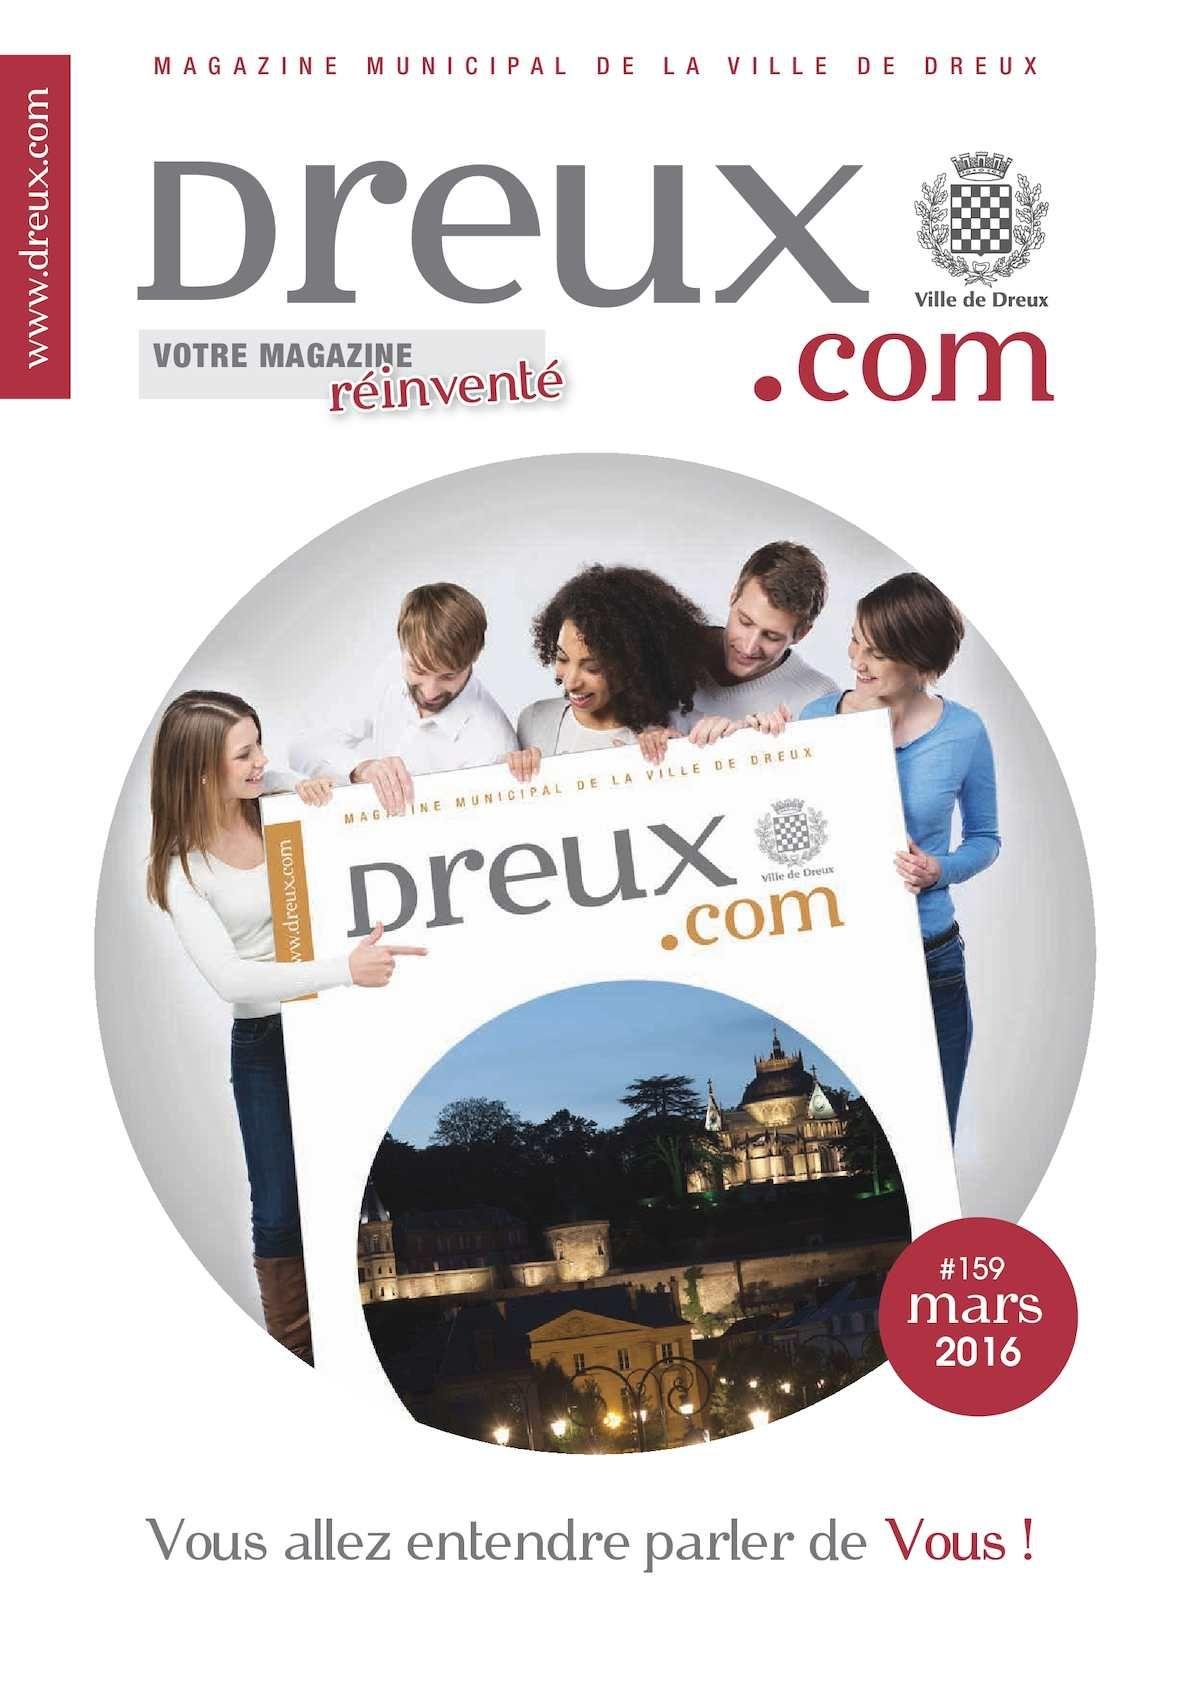 Mensuel d'information de la Ville de Dreux - N° 159 - Mars 2016 - www.dreux.com